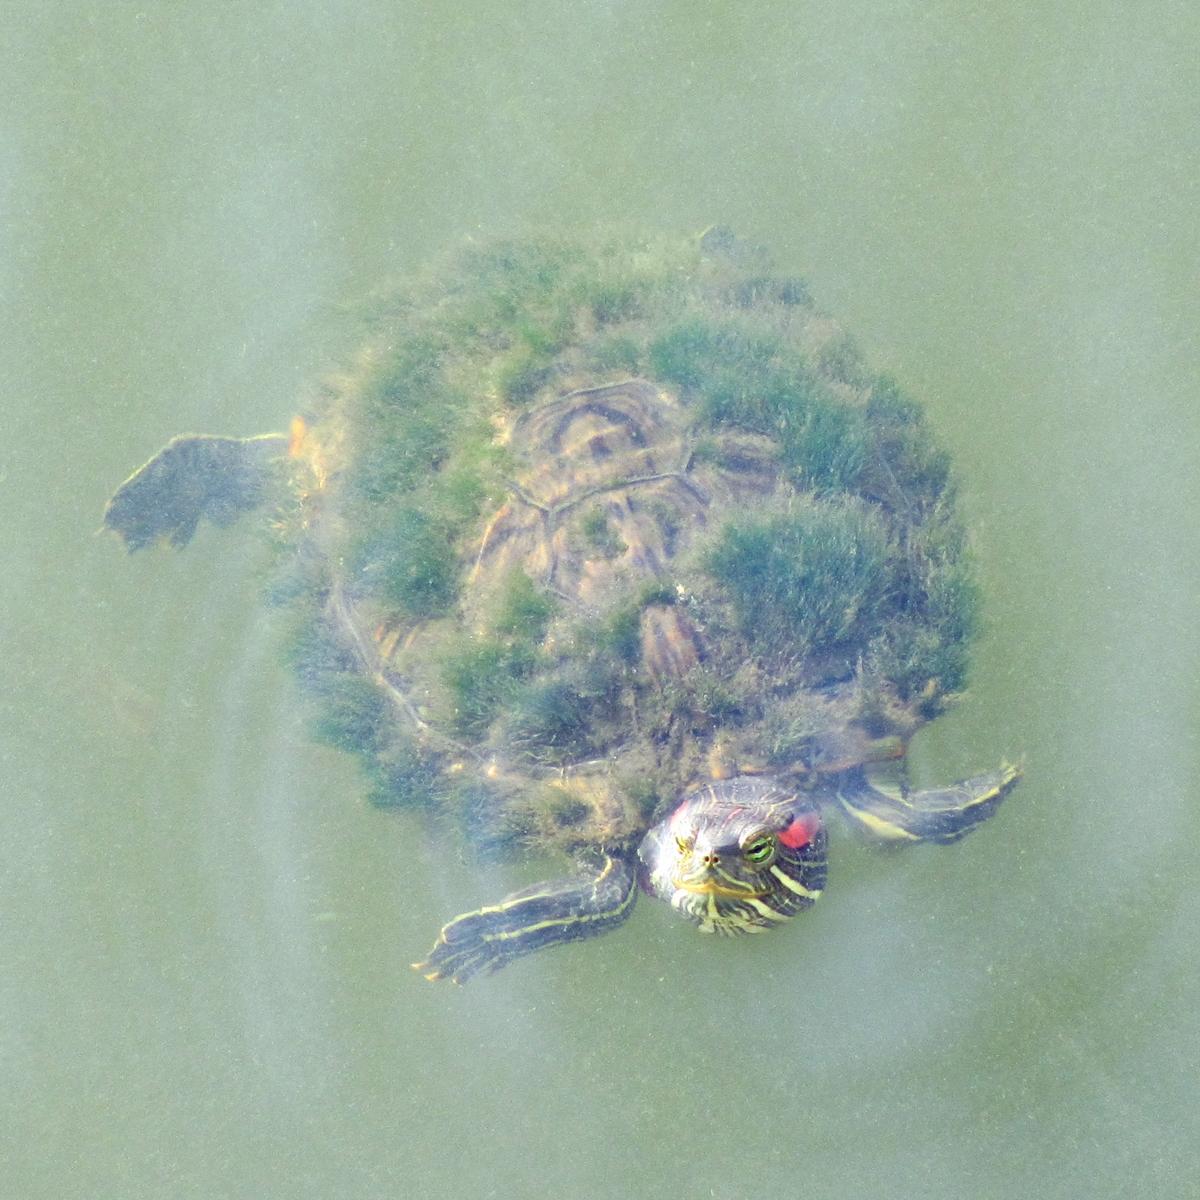 昔から縁起が良いと言われる『蓑亀(みのがめ)』の無料写真